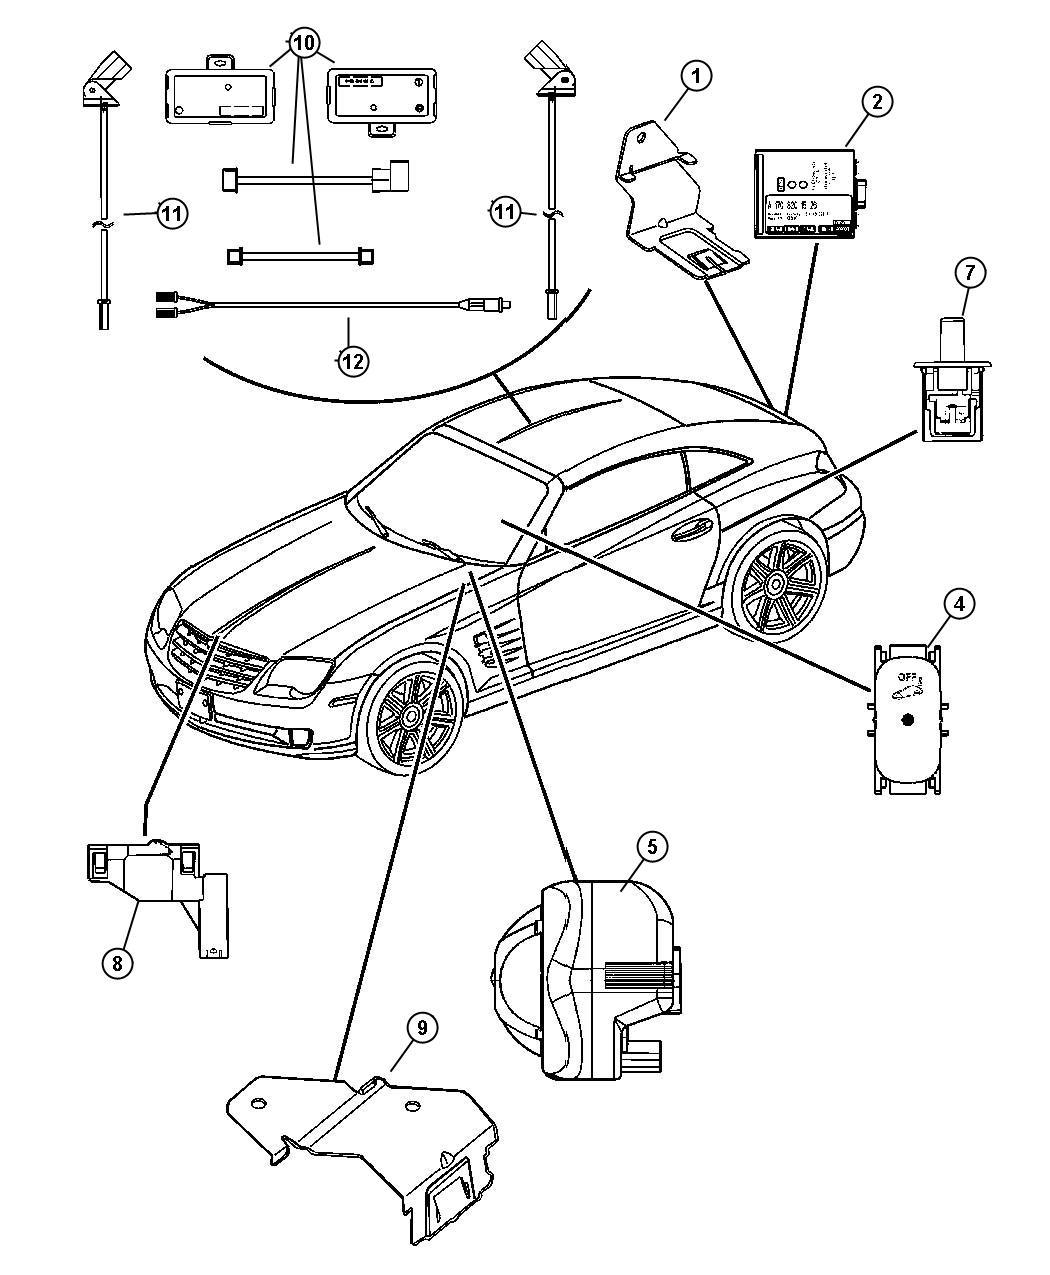 2007 Chrysler Crossfire Module. Intrusion. Alarm, Security